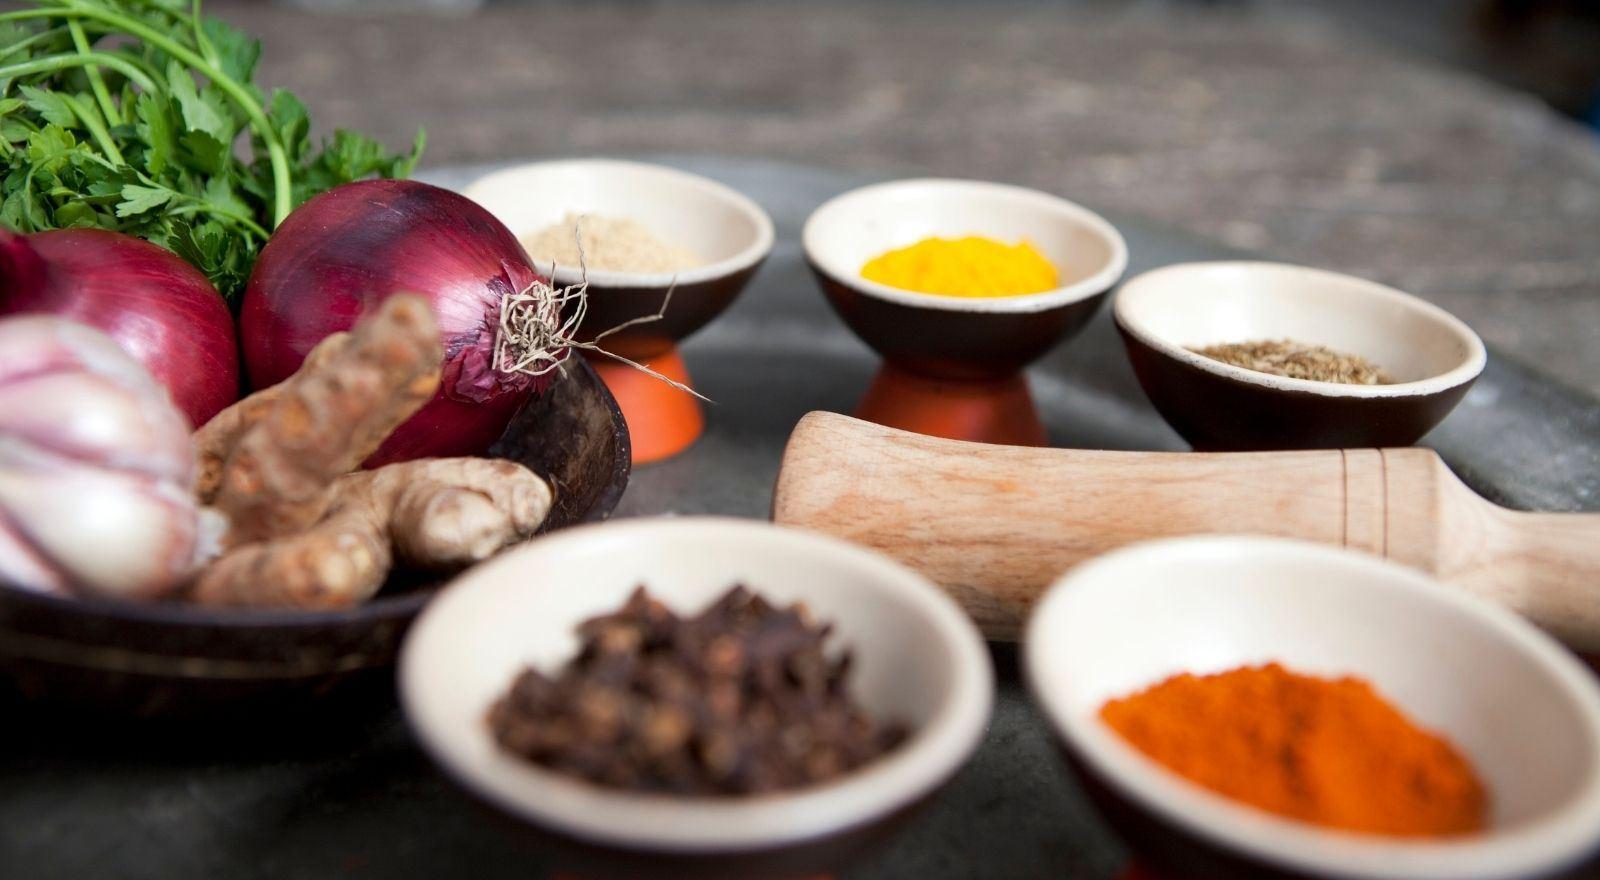 Sfeerbeeld van kruiden en groenten gebruikt binnen de cursus Ayurveda